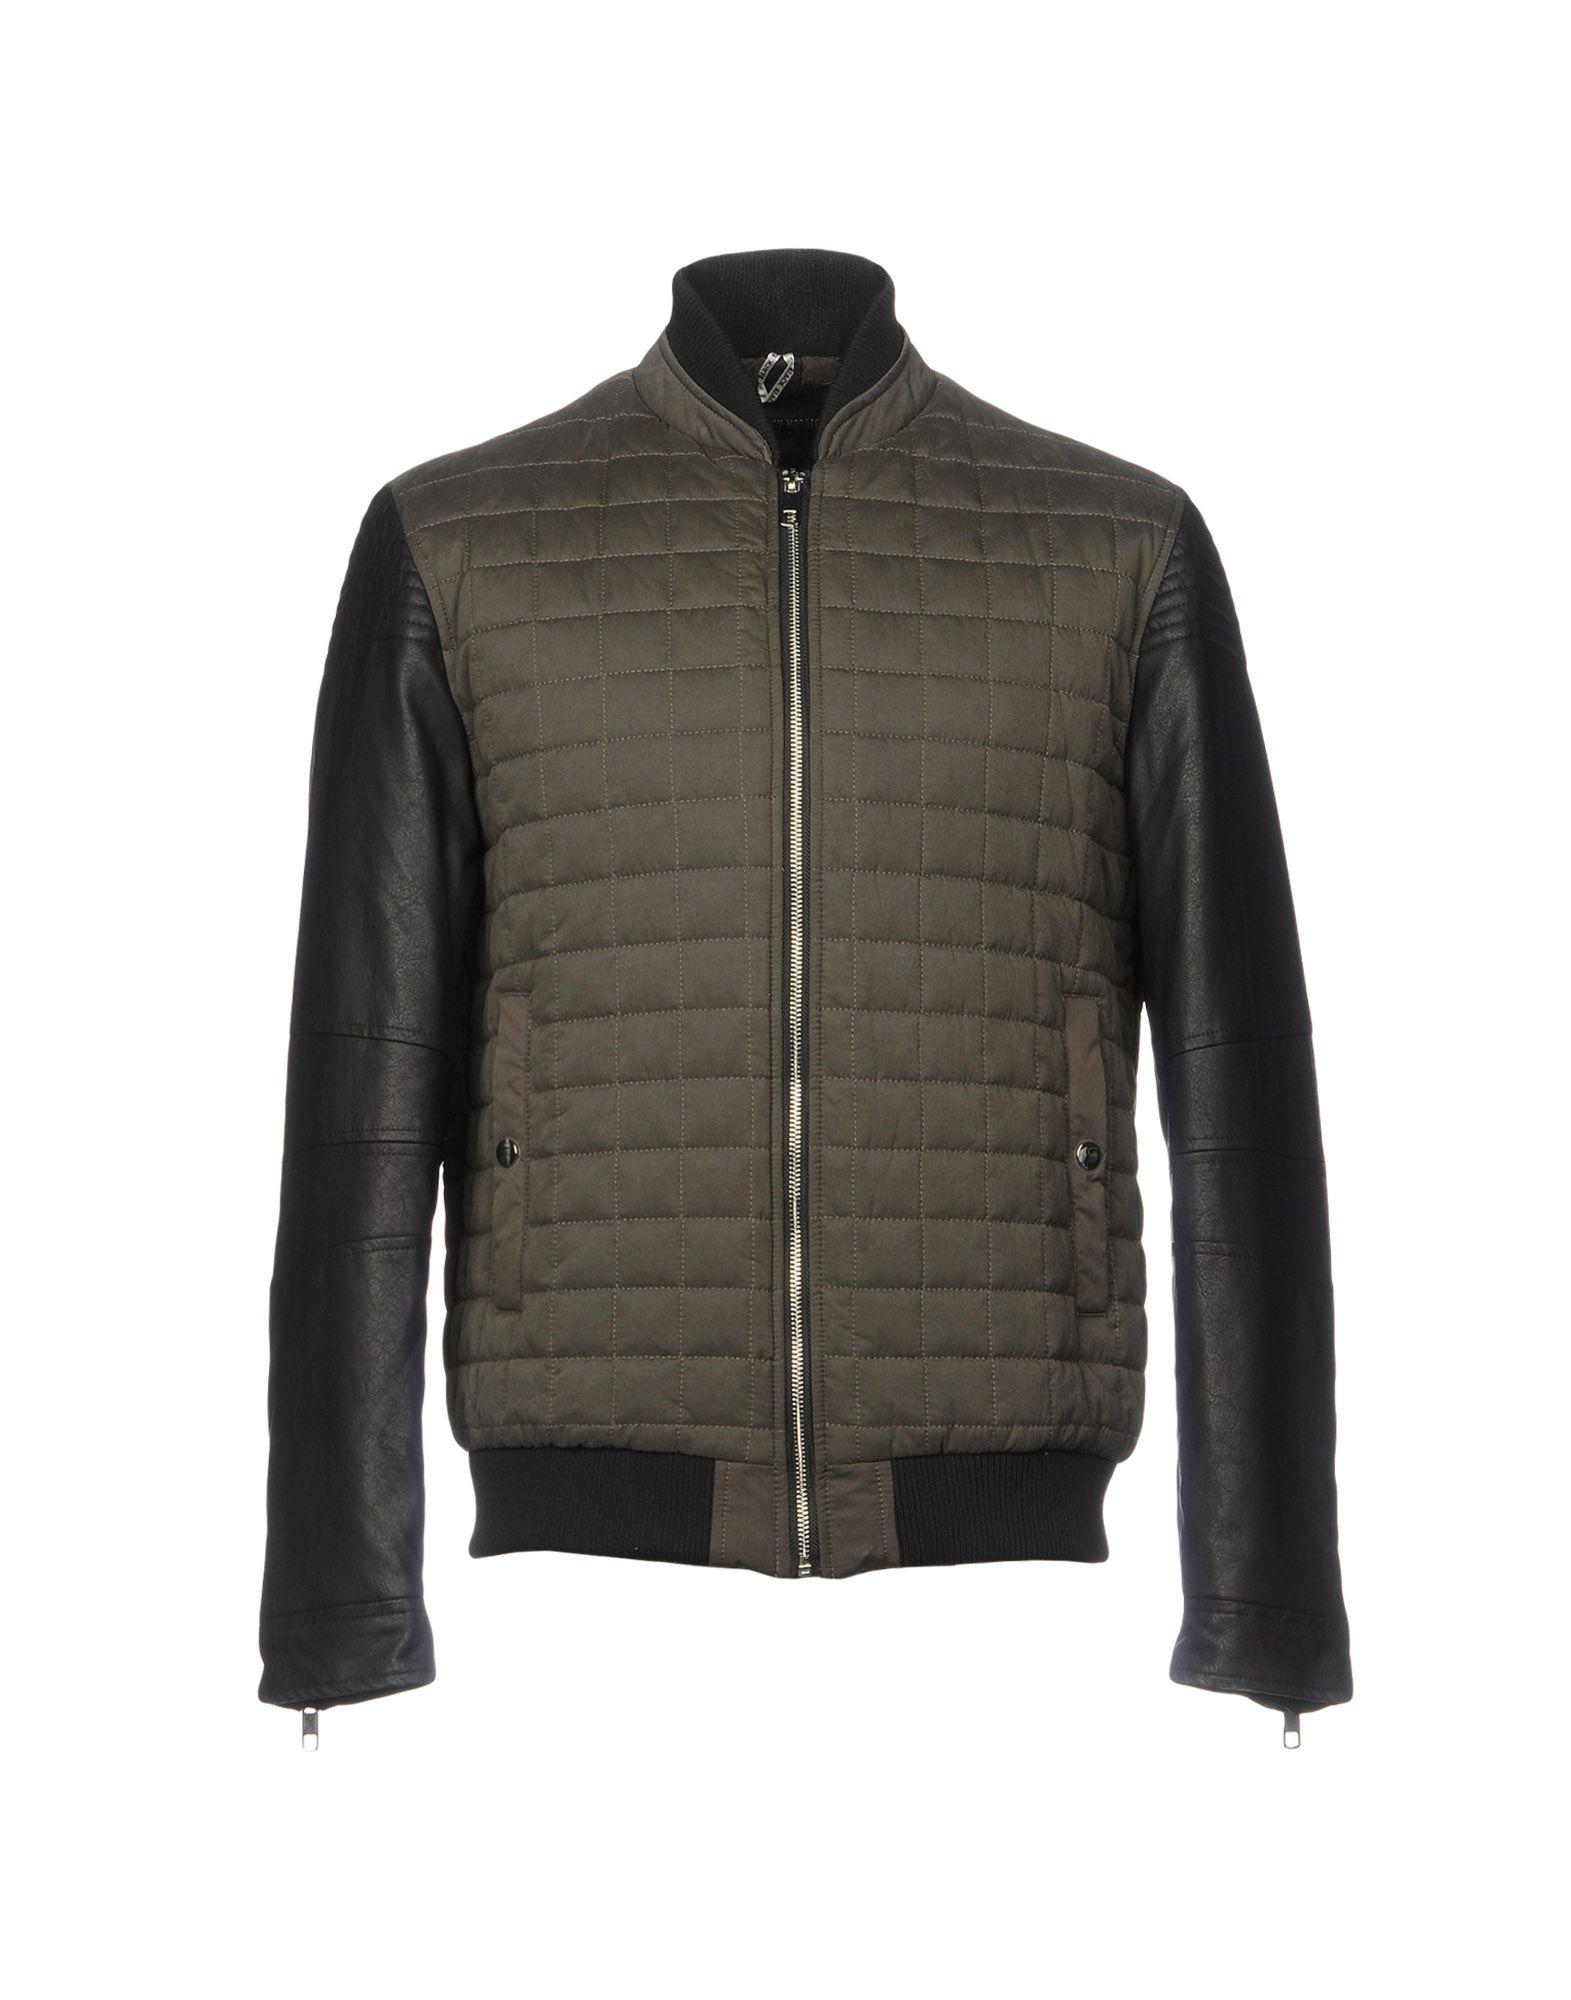 ANTONY MORATO Куртка куртка antony morato mmlc00026 fa200005 9000